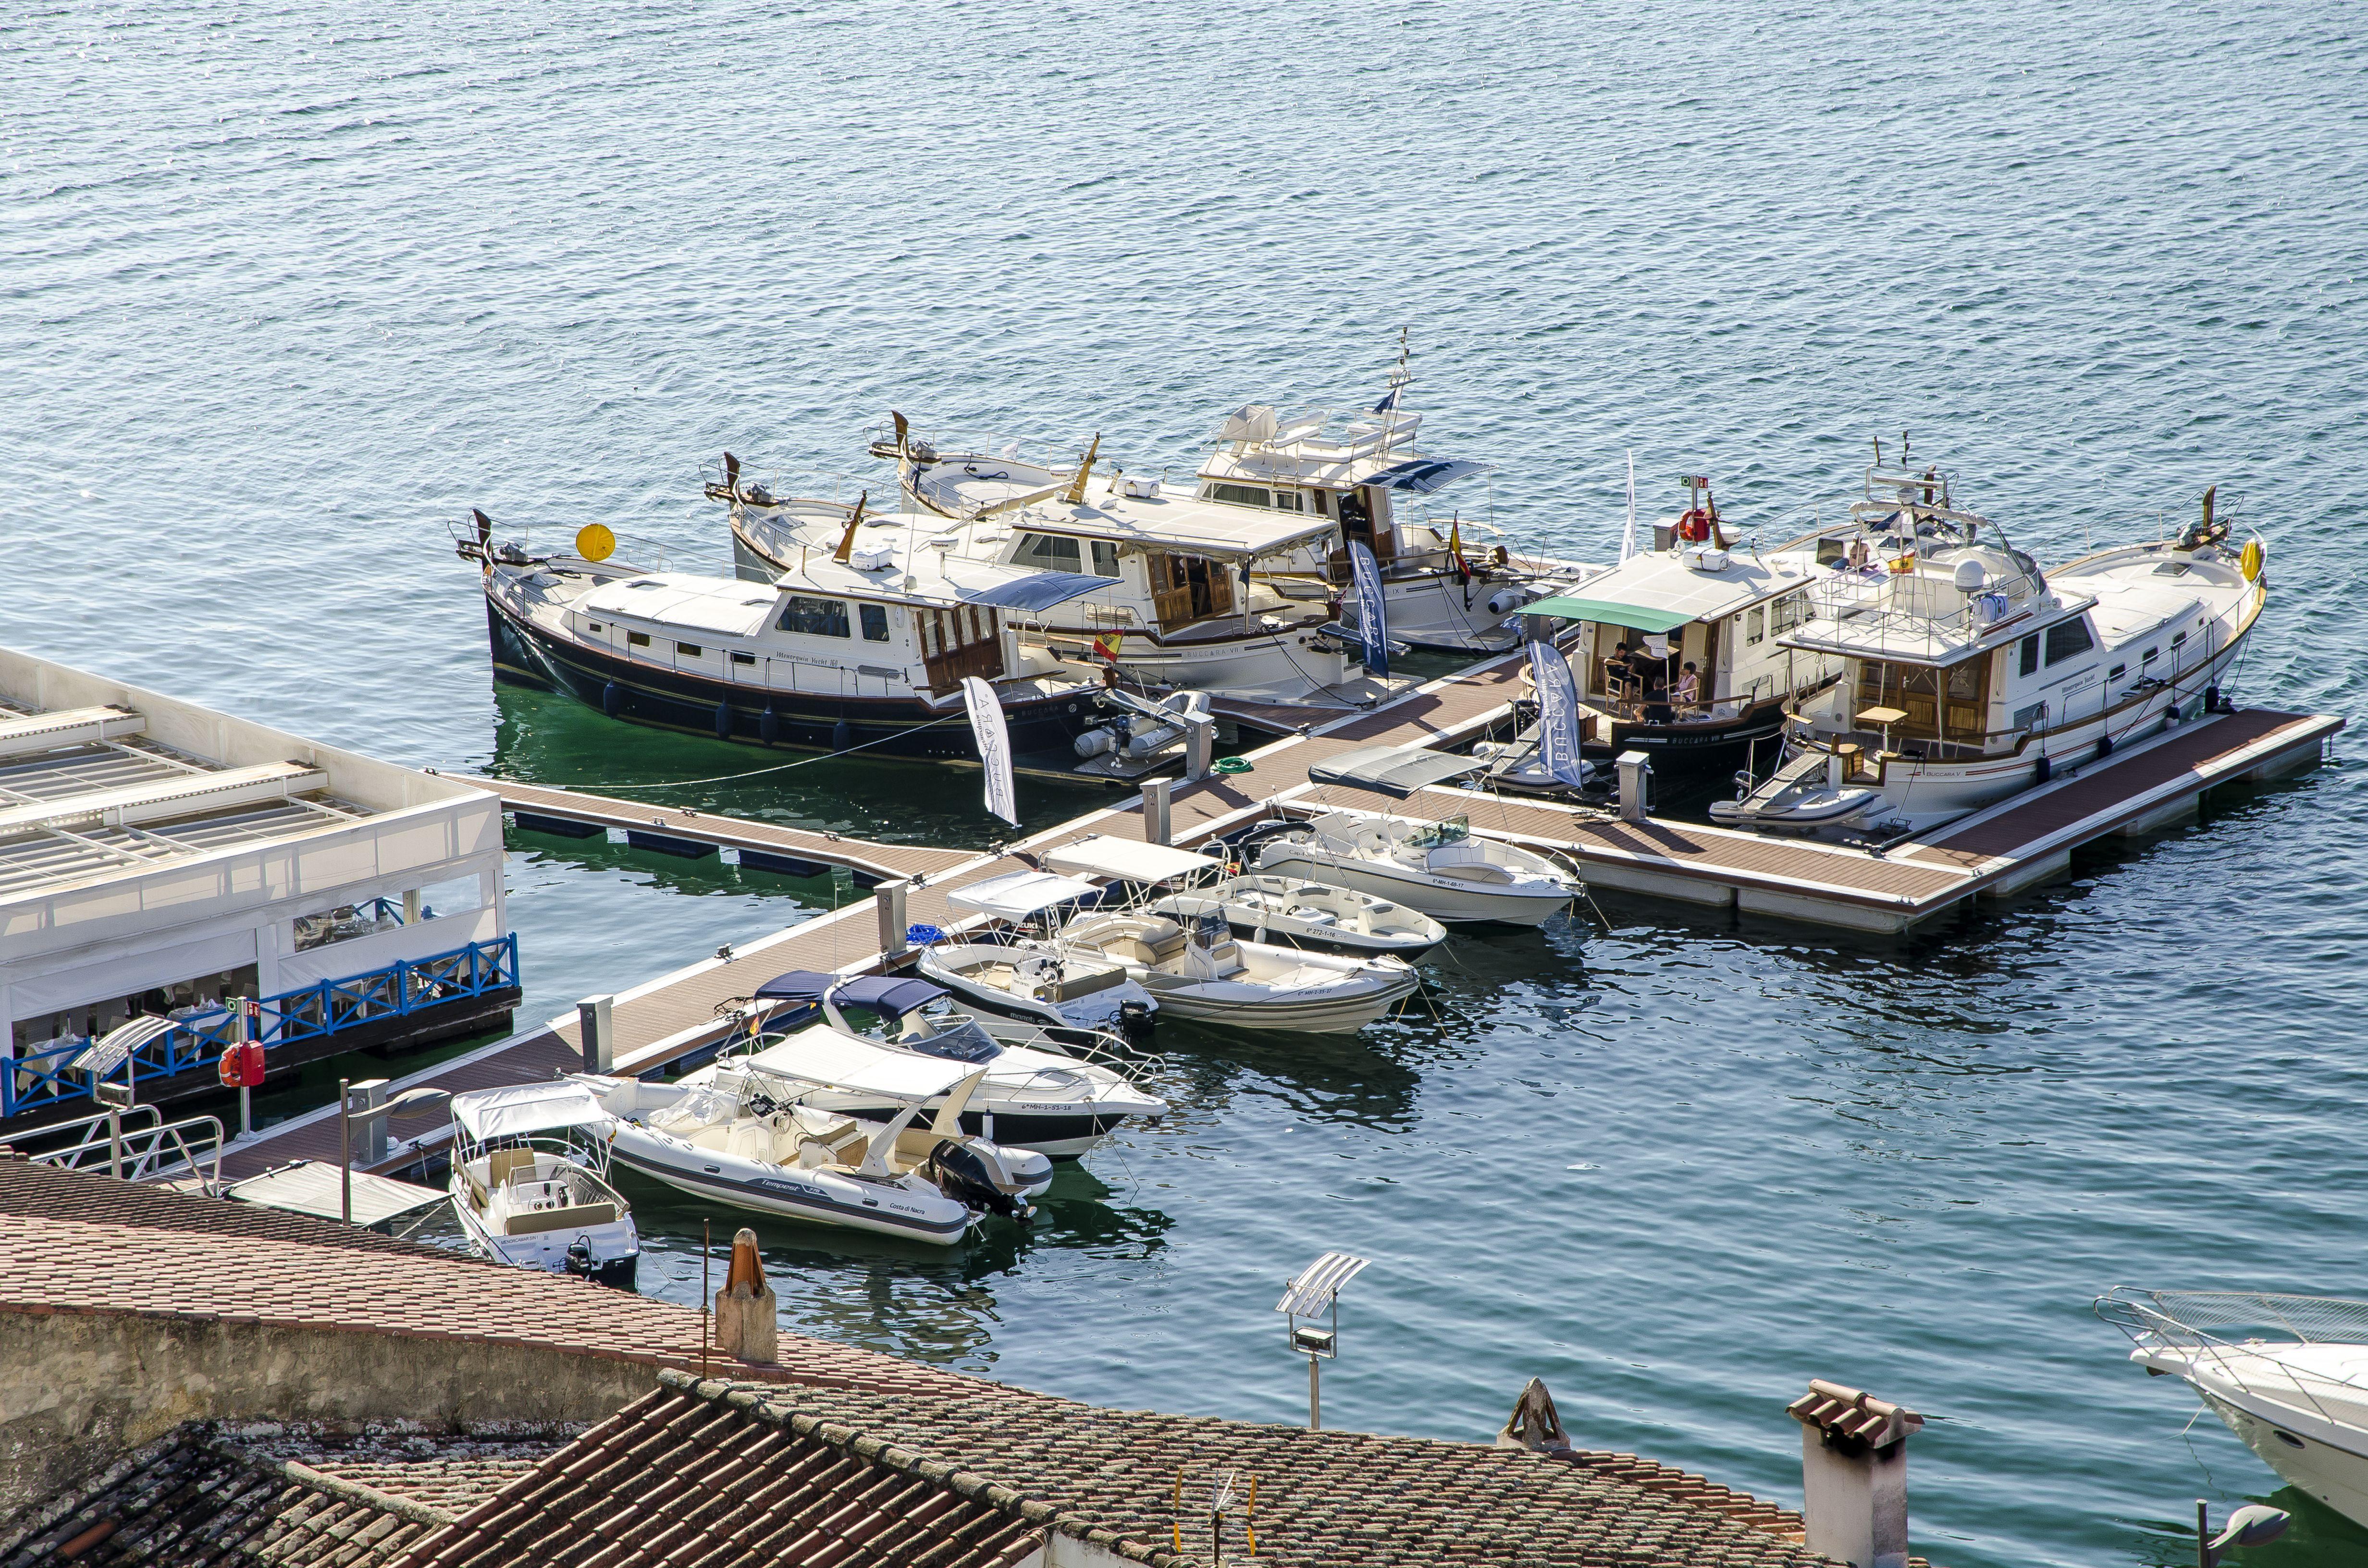 Alquiler de flotas a estrenar en Menorca